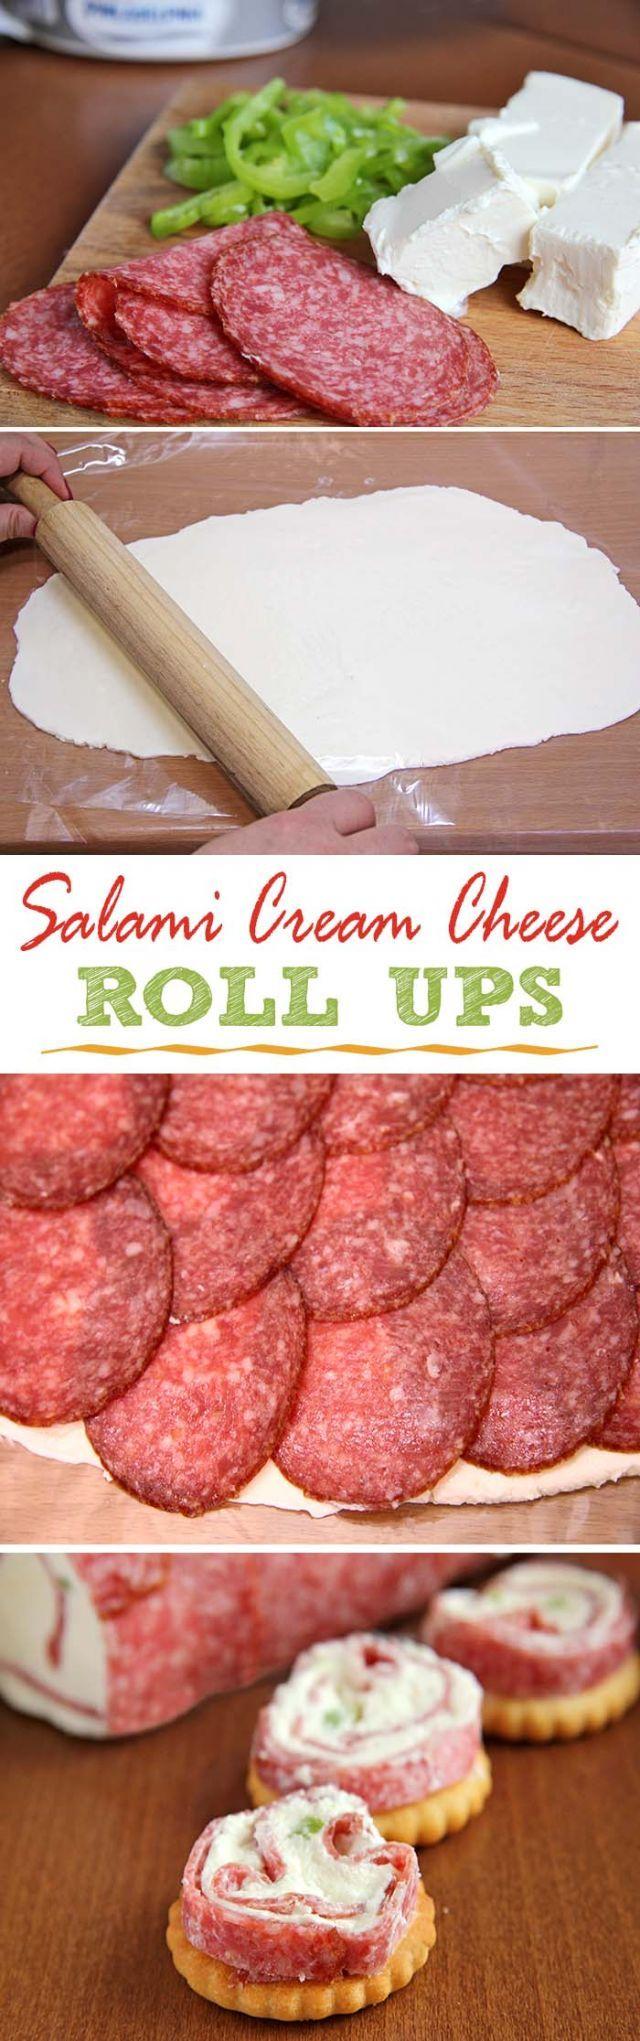 画像2 : 【レシピ】サラミクリームチーズ巻きの作り方、簡単おつまみを手作りで! │ macaroni[マカロニ]